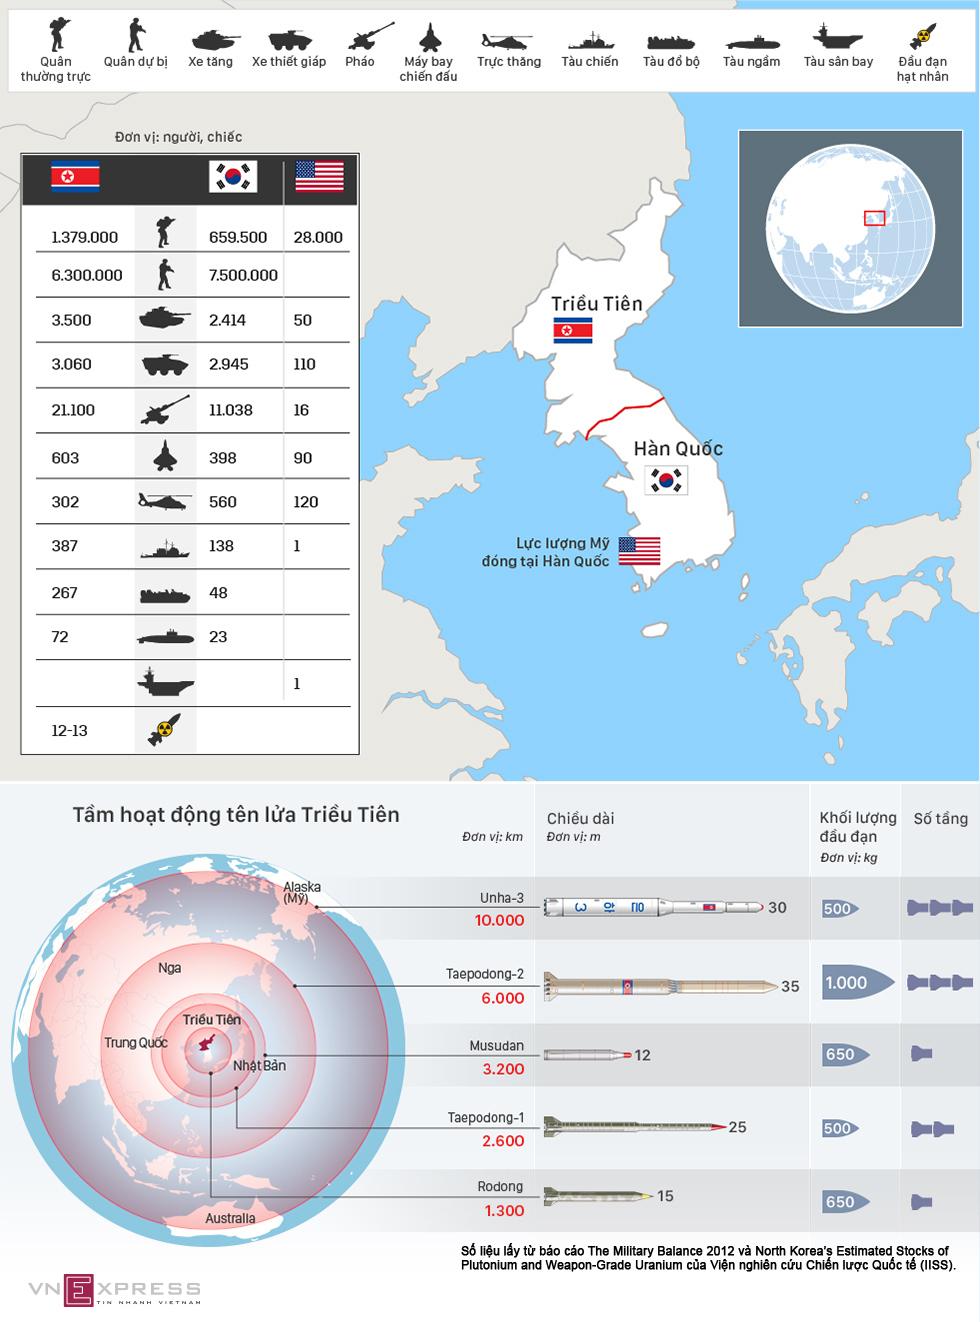 Tương quan lực lượng quân sự giữa Triều Tiên và Mỹ - Hàn